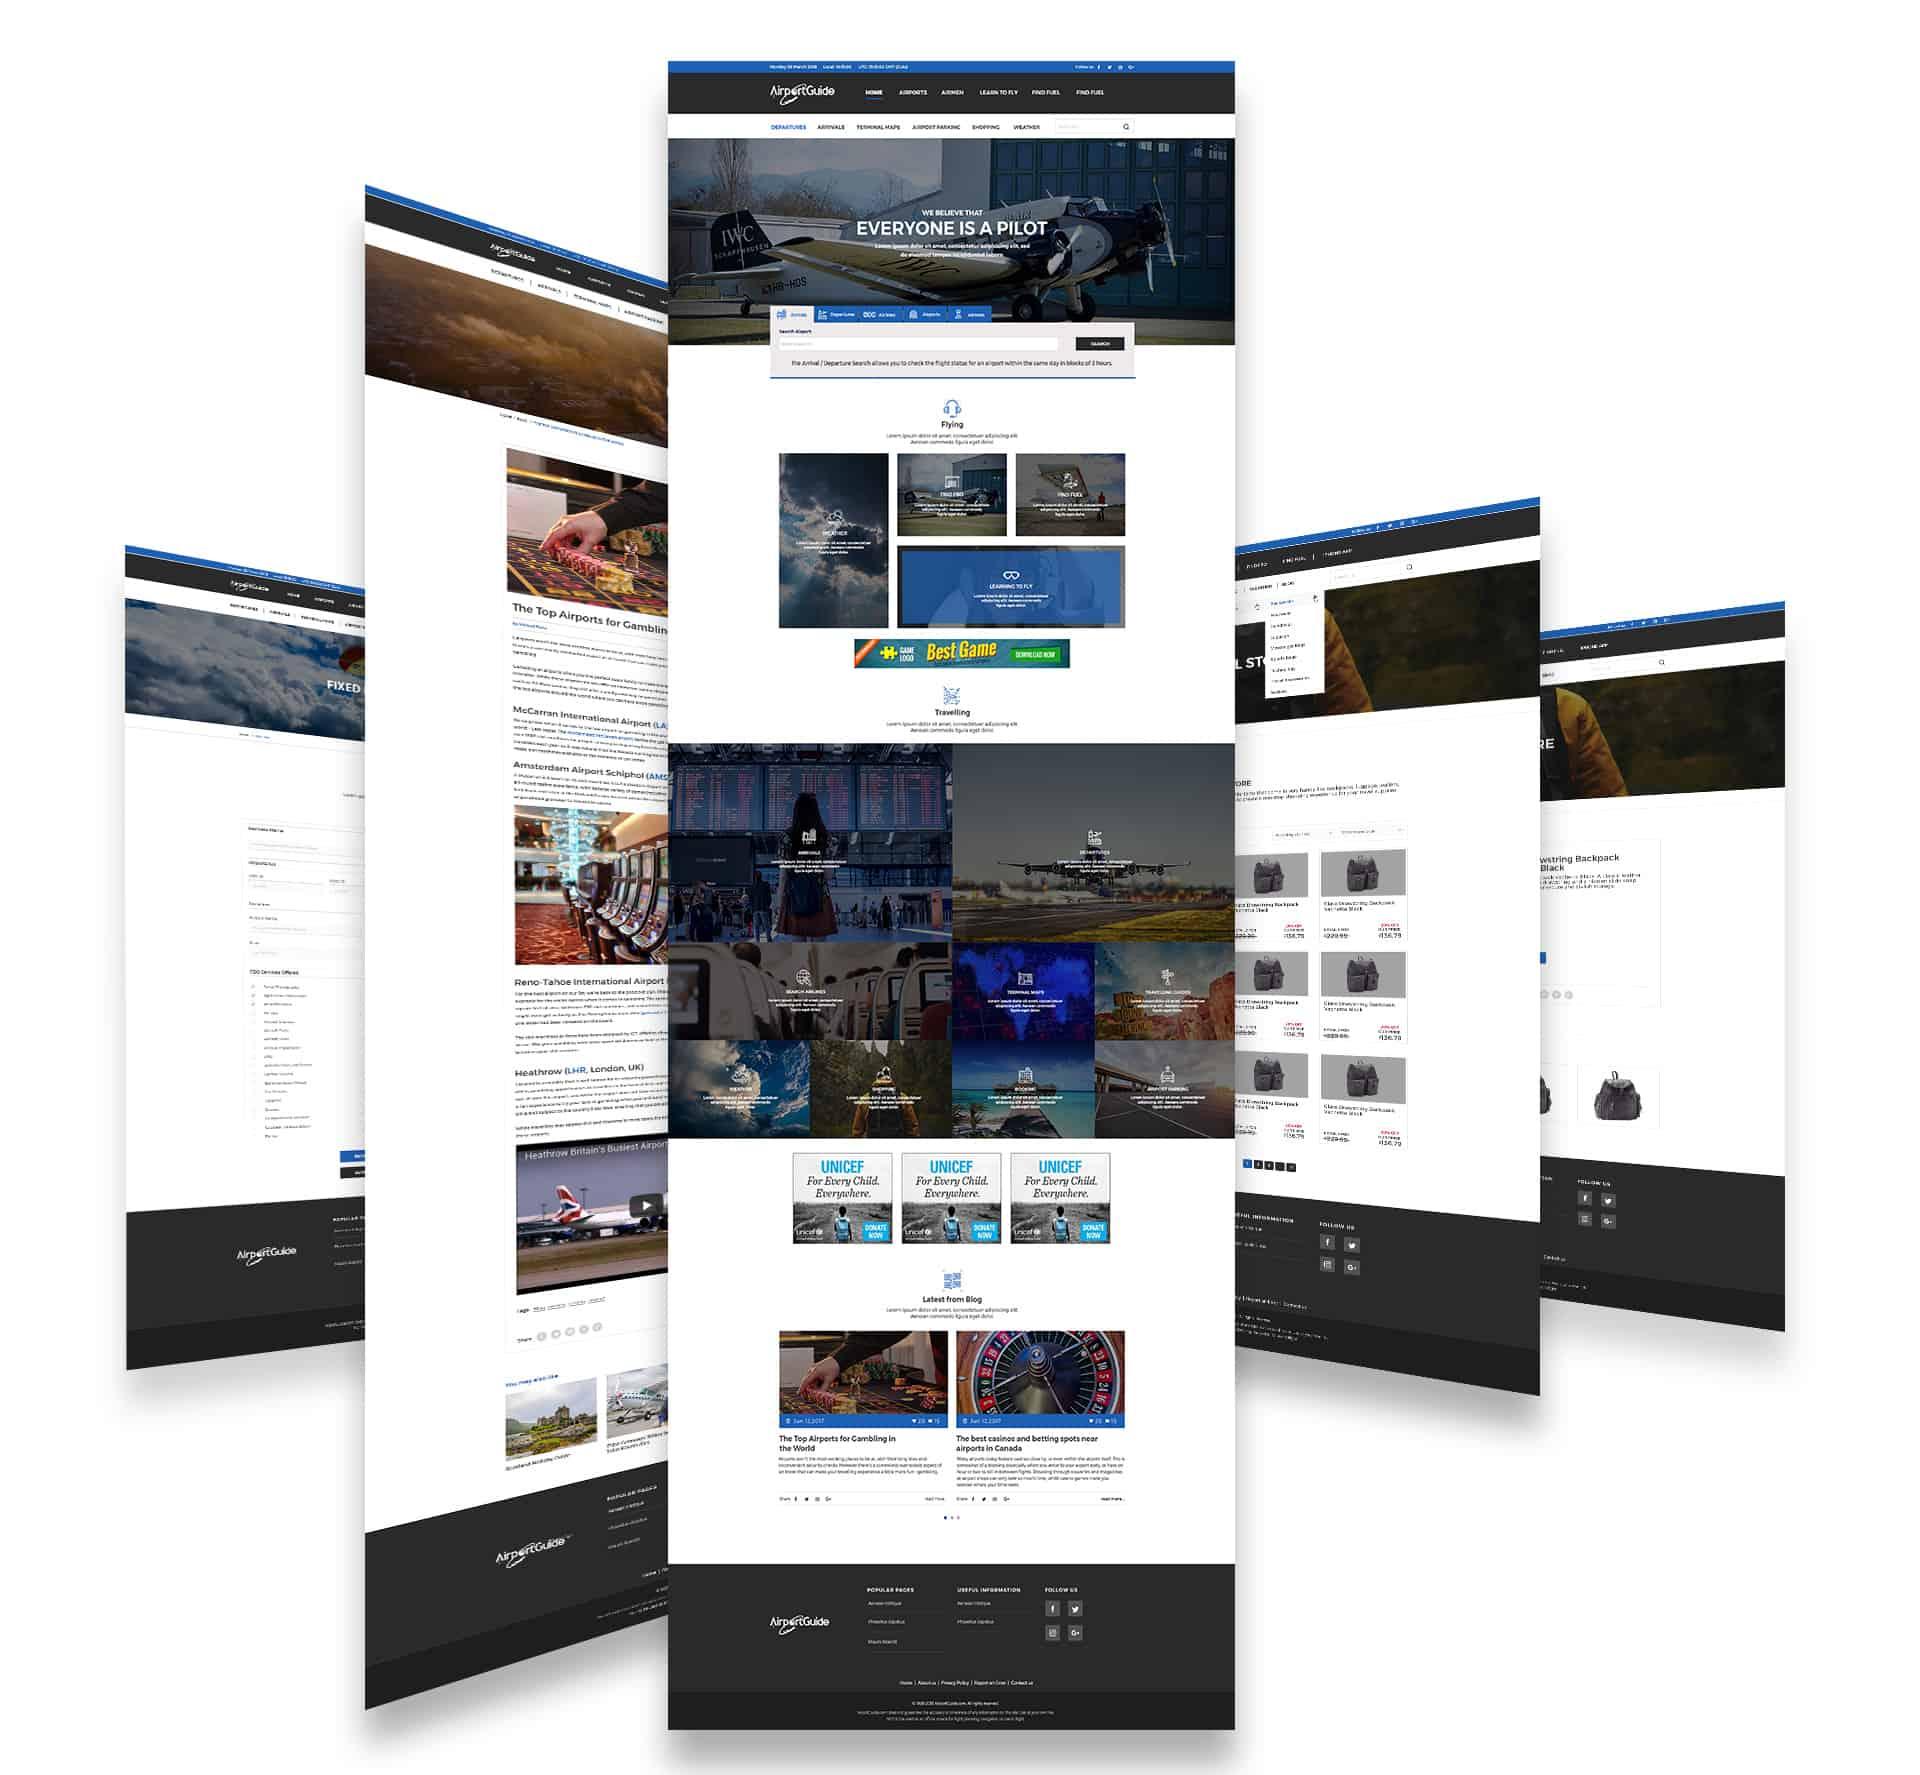 PROPAGANDA - air screens